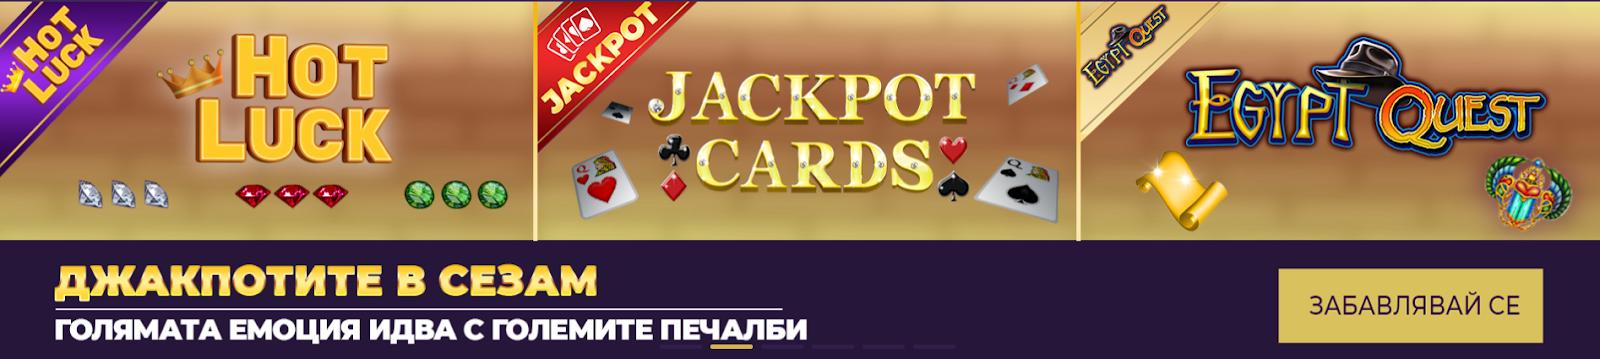 sesame jackpots-komarbet.com